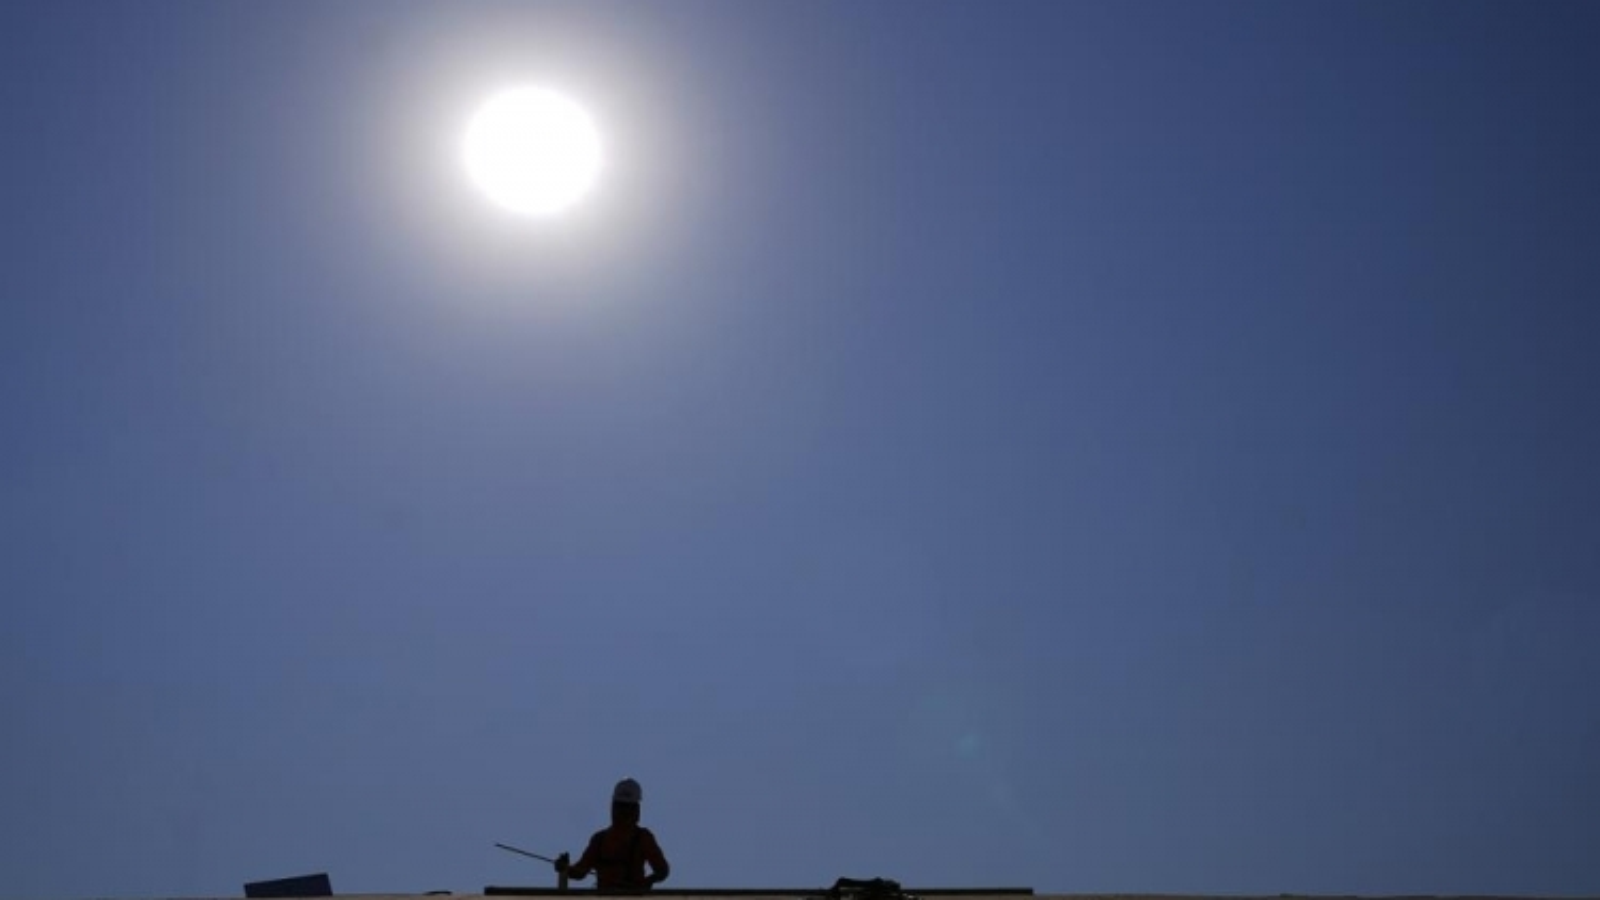 Miền Tây nước Mỹ nắng nóng lên đến 53 độ C